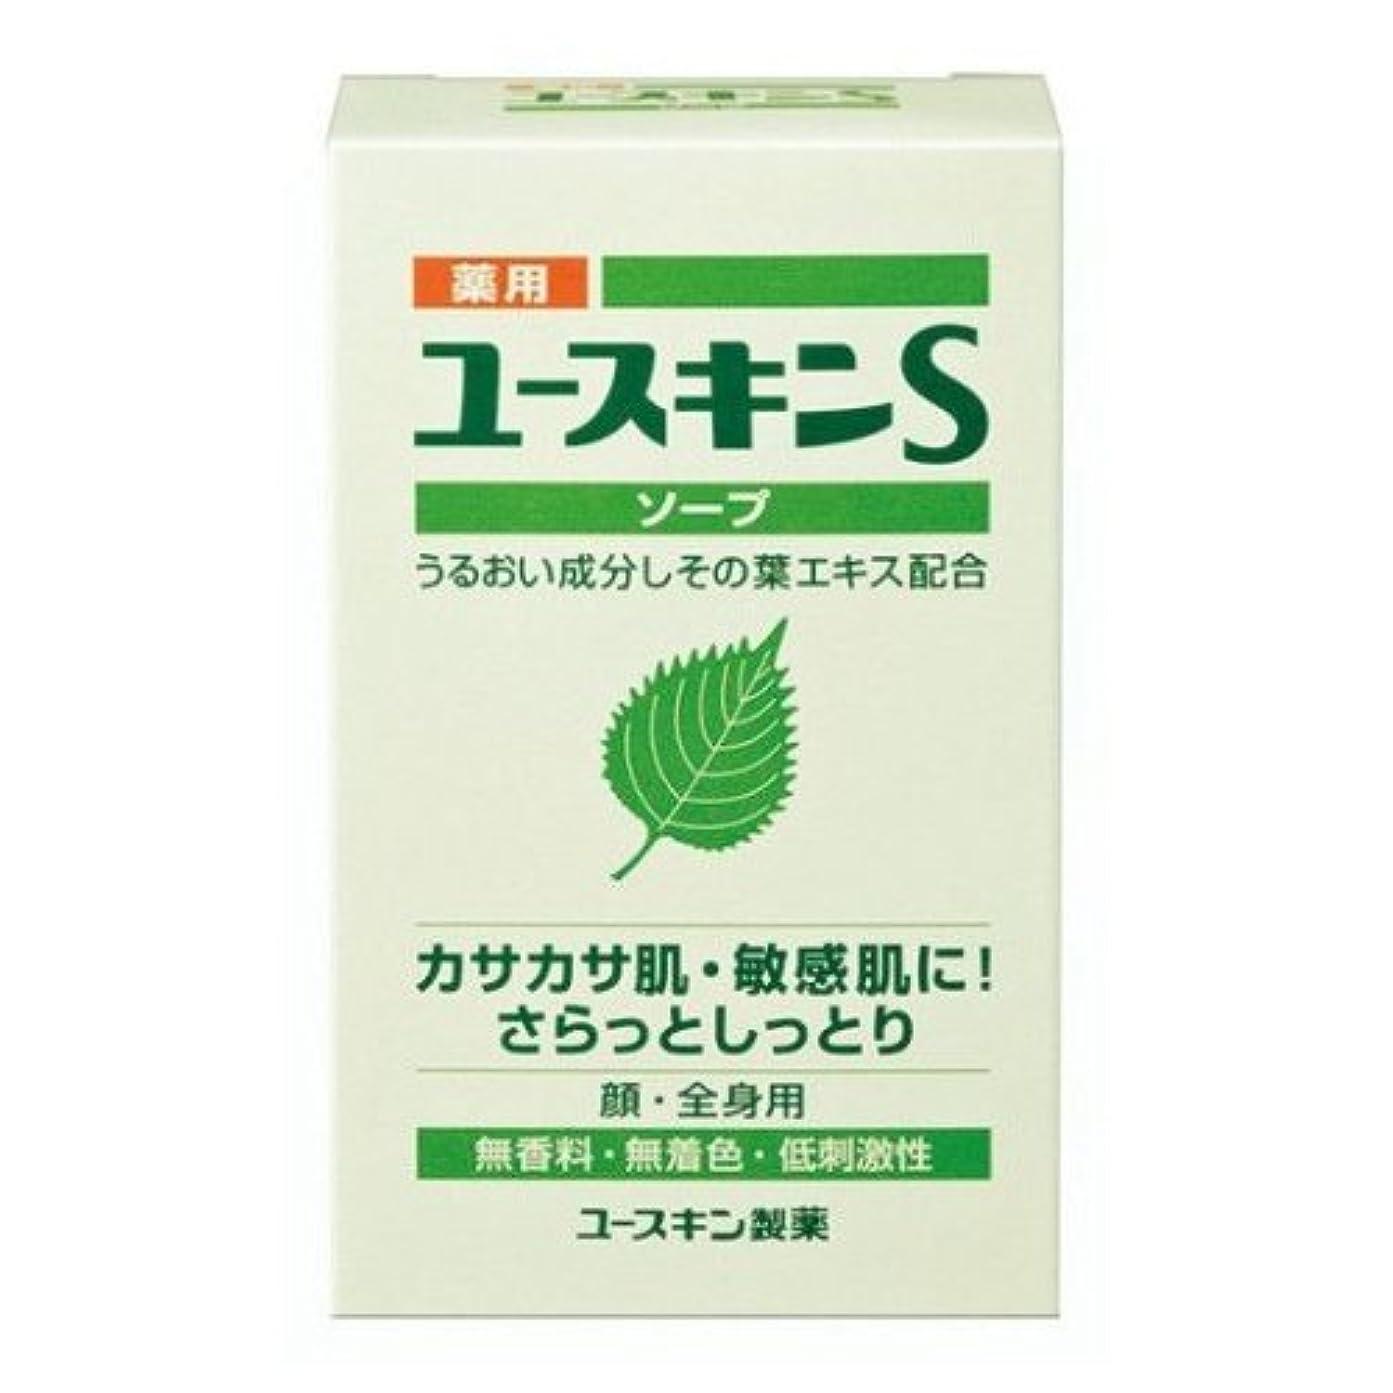 ケージデータきょうだいユースキン製薬 薬用ユースキンSソープ 90g(医薬部外品)